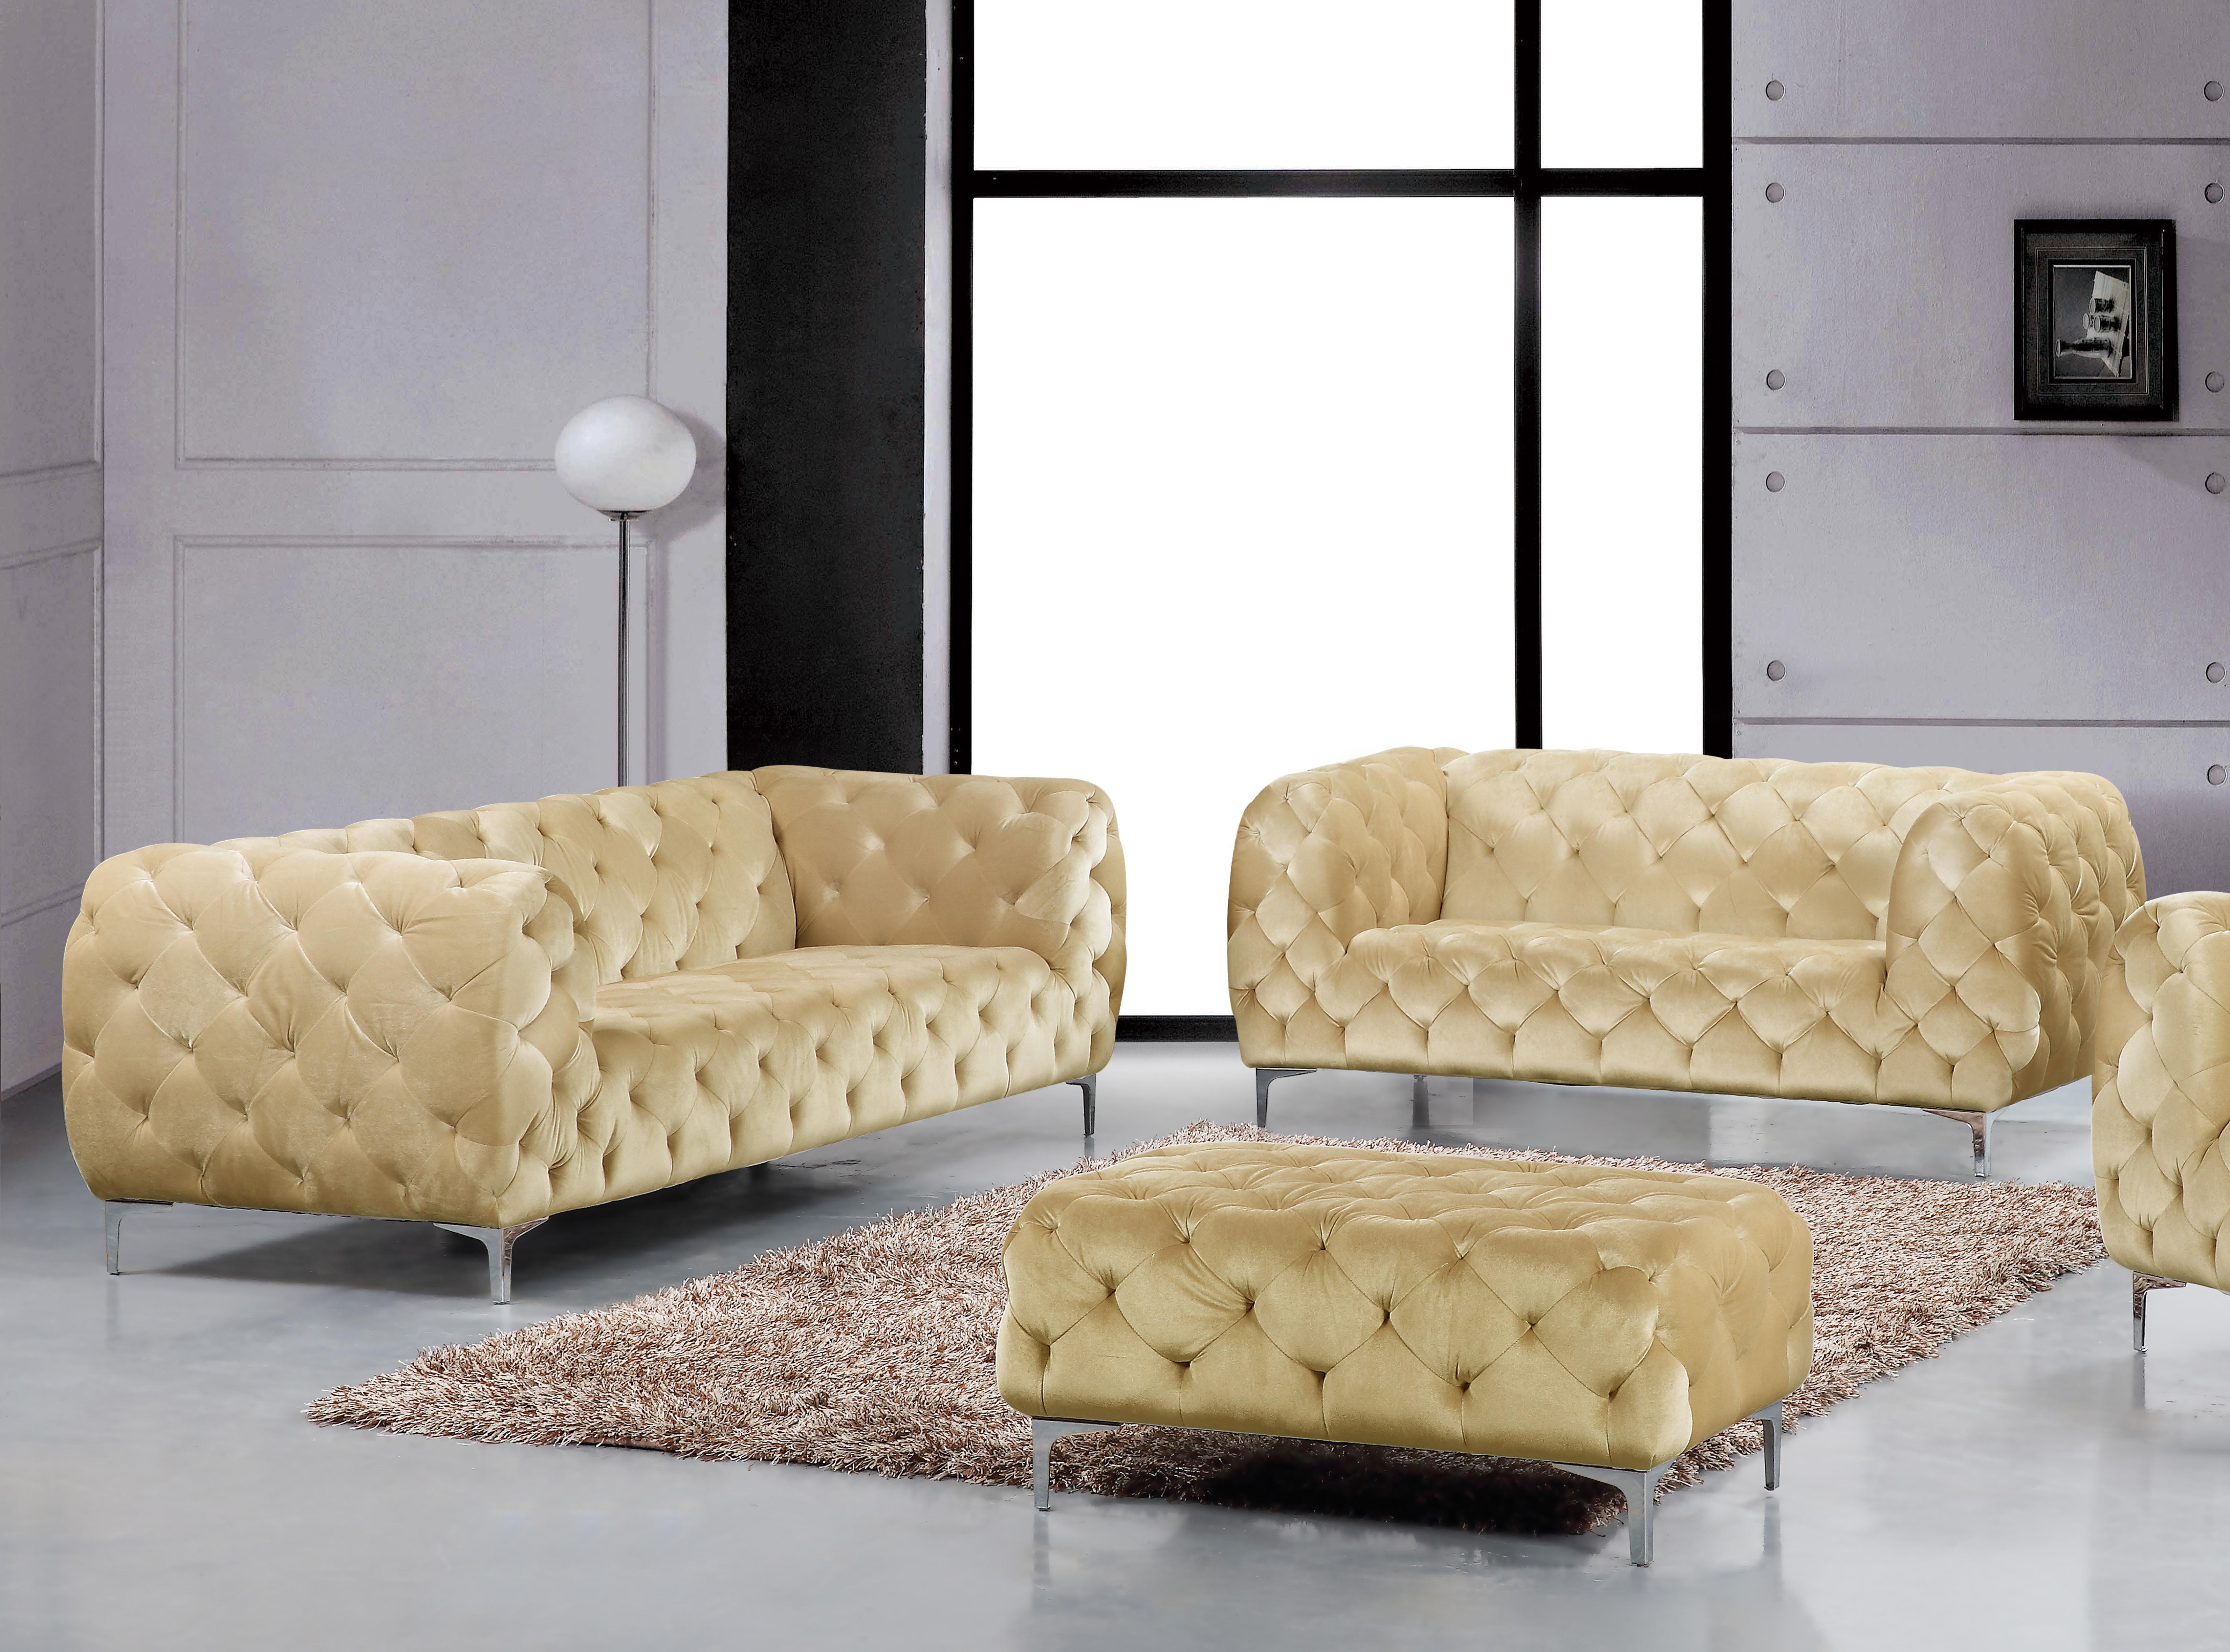 Picture of: Beige Velvet Tufted Sofa Loveseat Set 2pc Modern Meridian Furniture 646 Mercer 646be Set 2